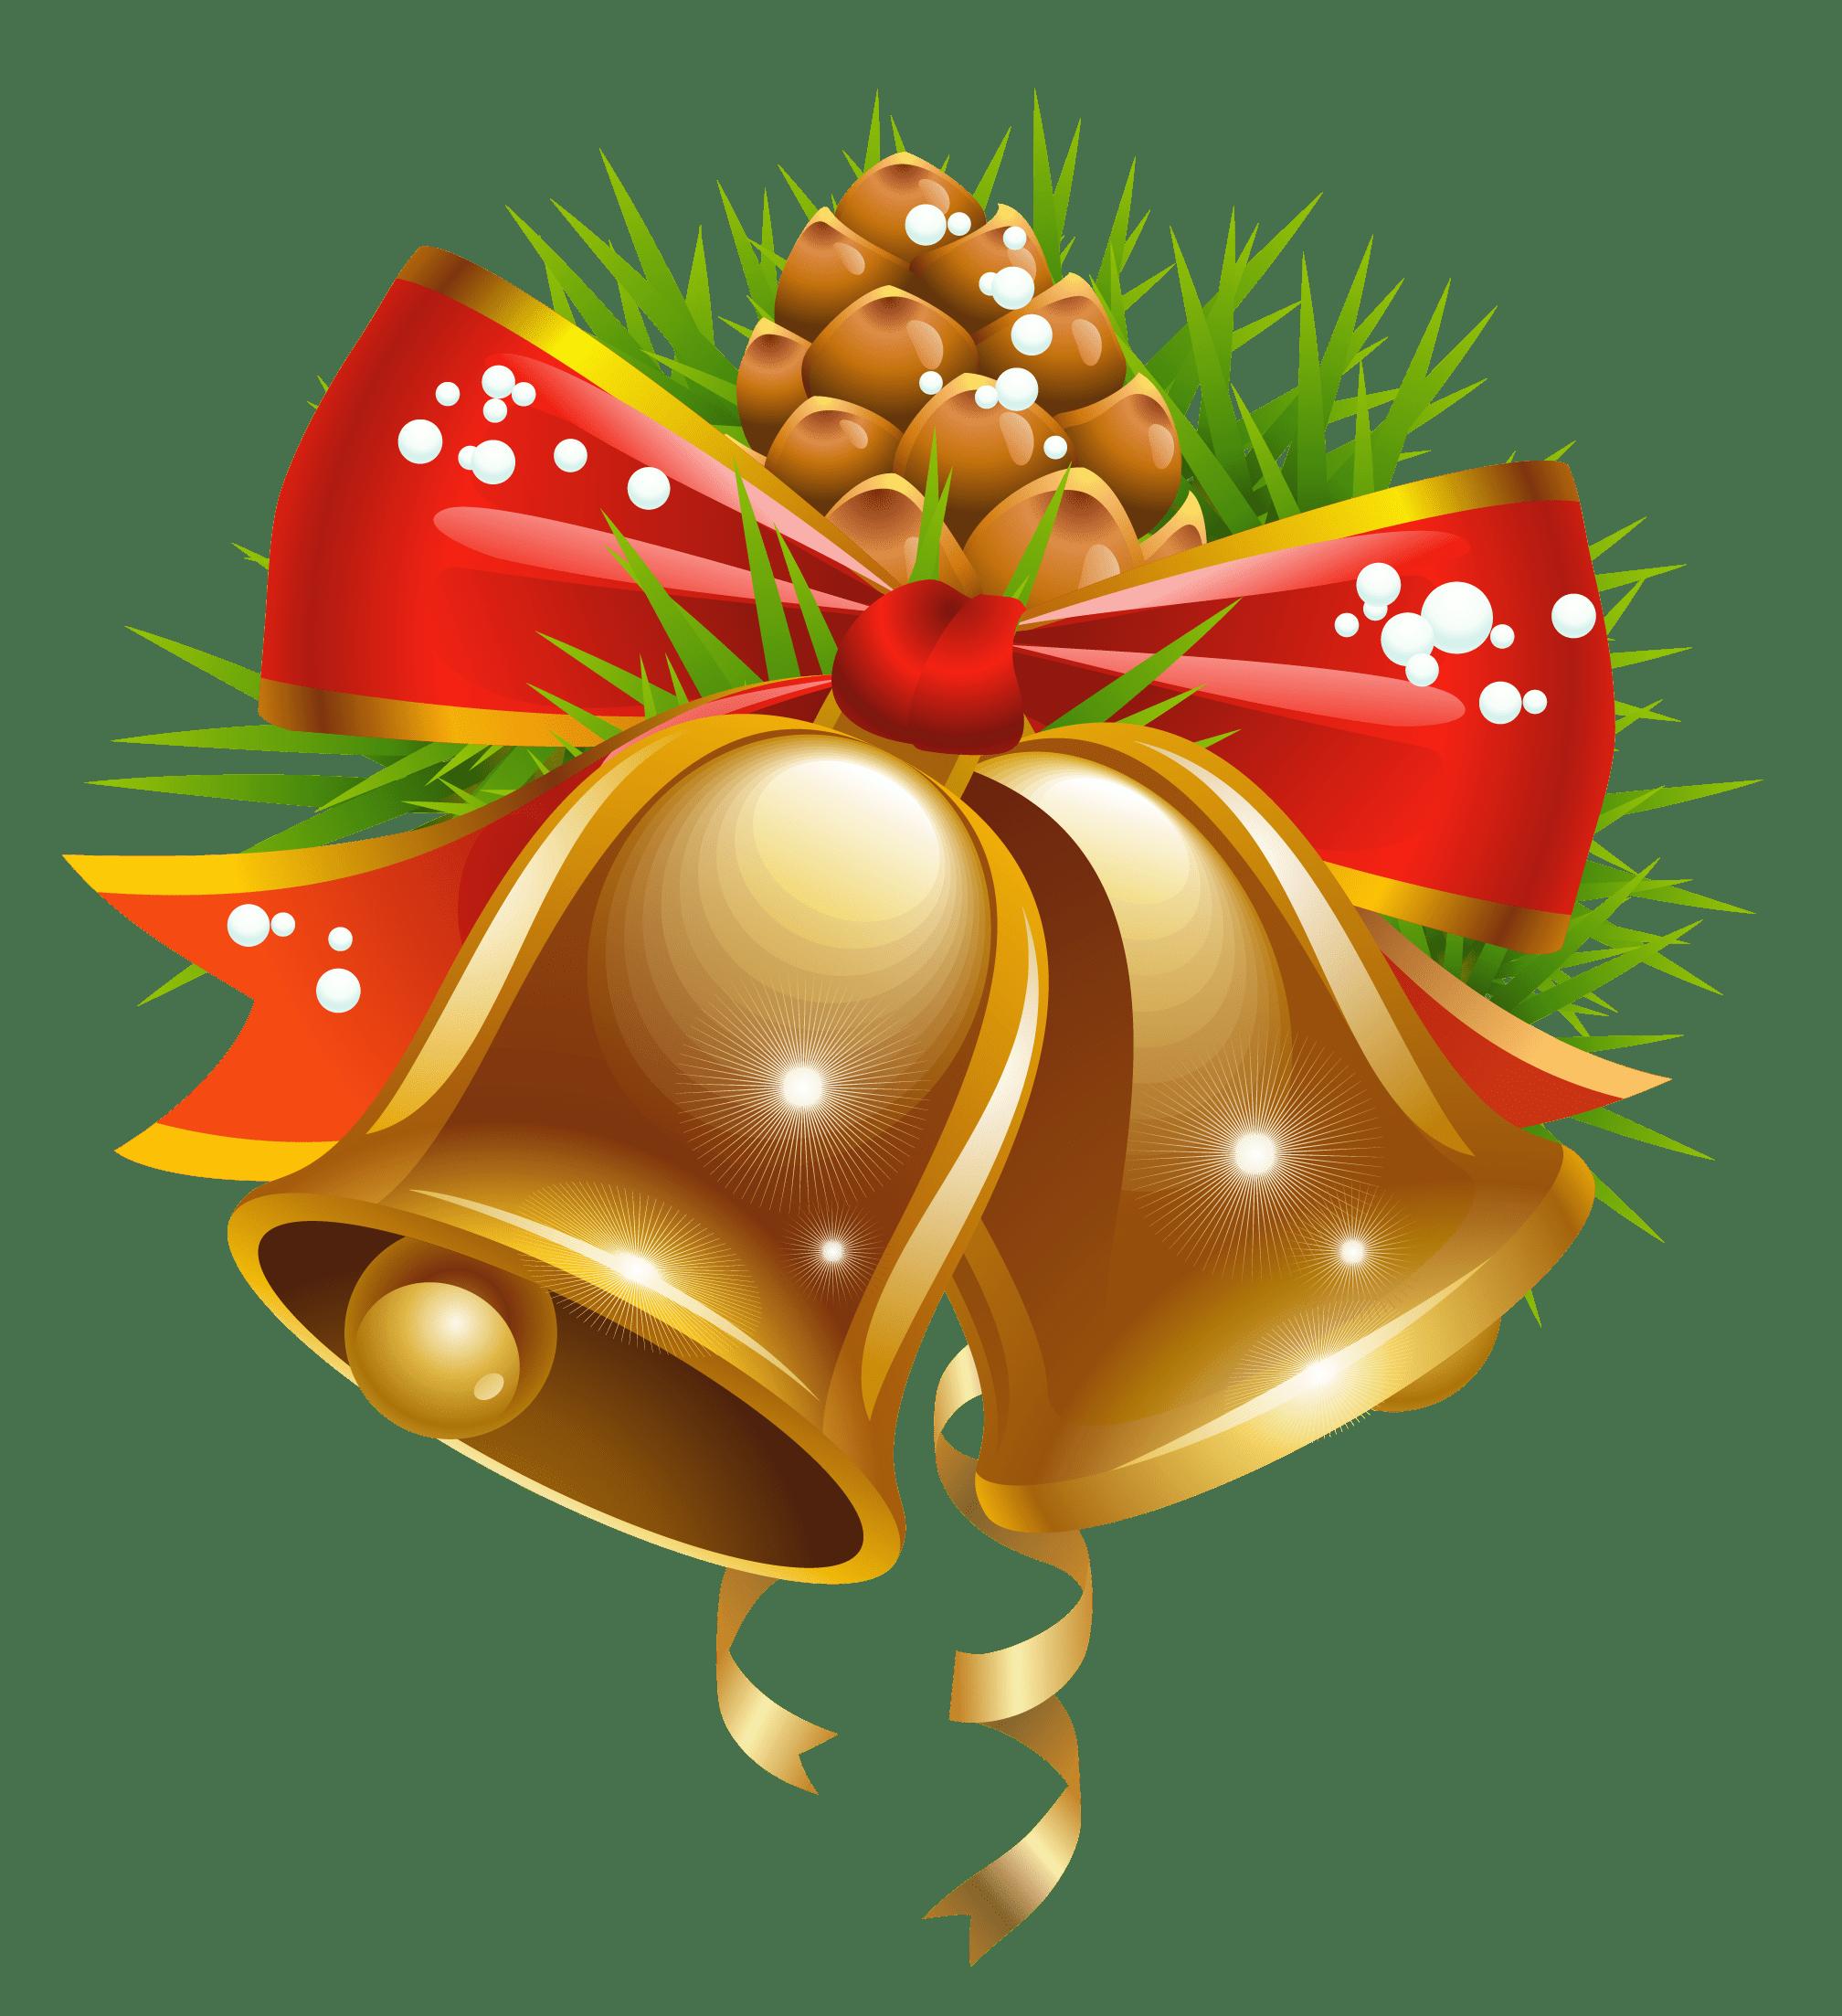 Ornaments clipart jingle bells. Cartoon transparent png stickpng